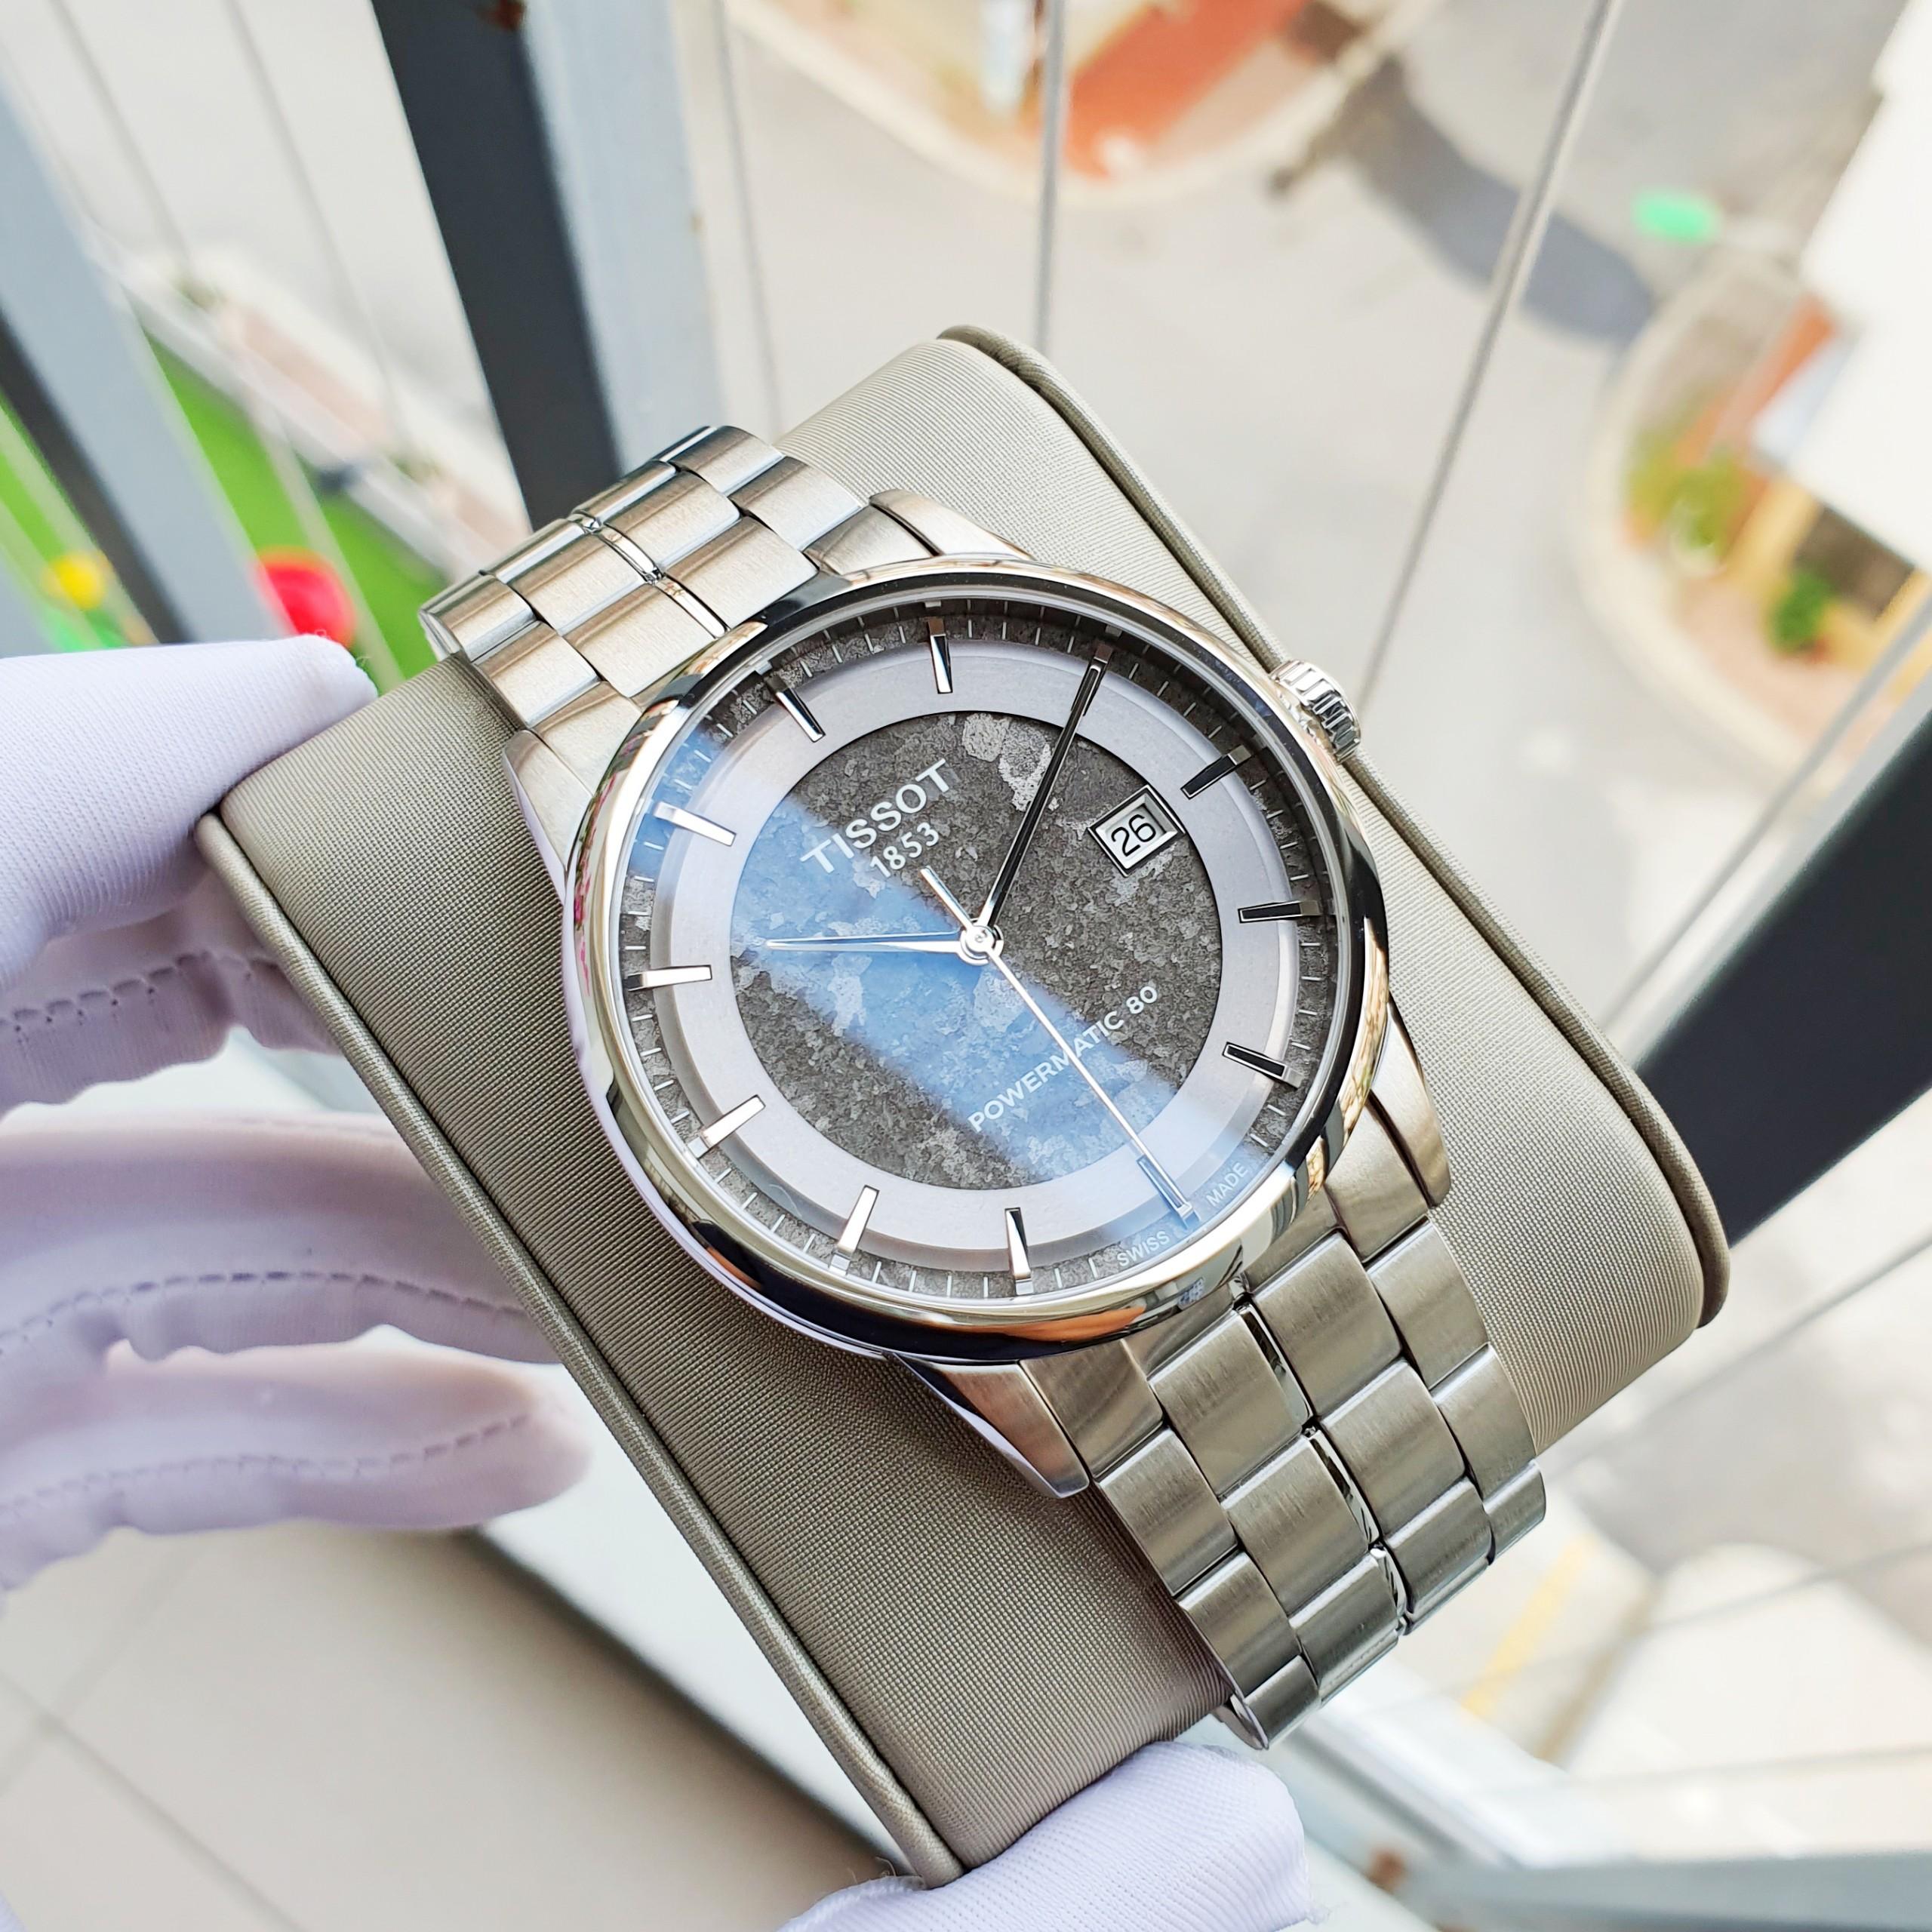 Đồng hồ Nam Tissot 1853 Luxury Powermatic 80 Anthracite T086.407.11.061.10 Mặt xámtrắngLịch ngày-Máy cơ tự động Automatic-Dây kim loại thép không gỉ cao cấp-Size 41mm